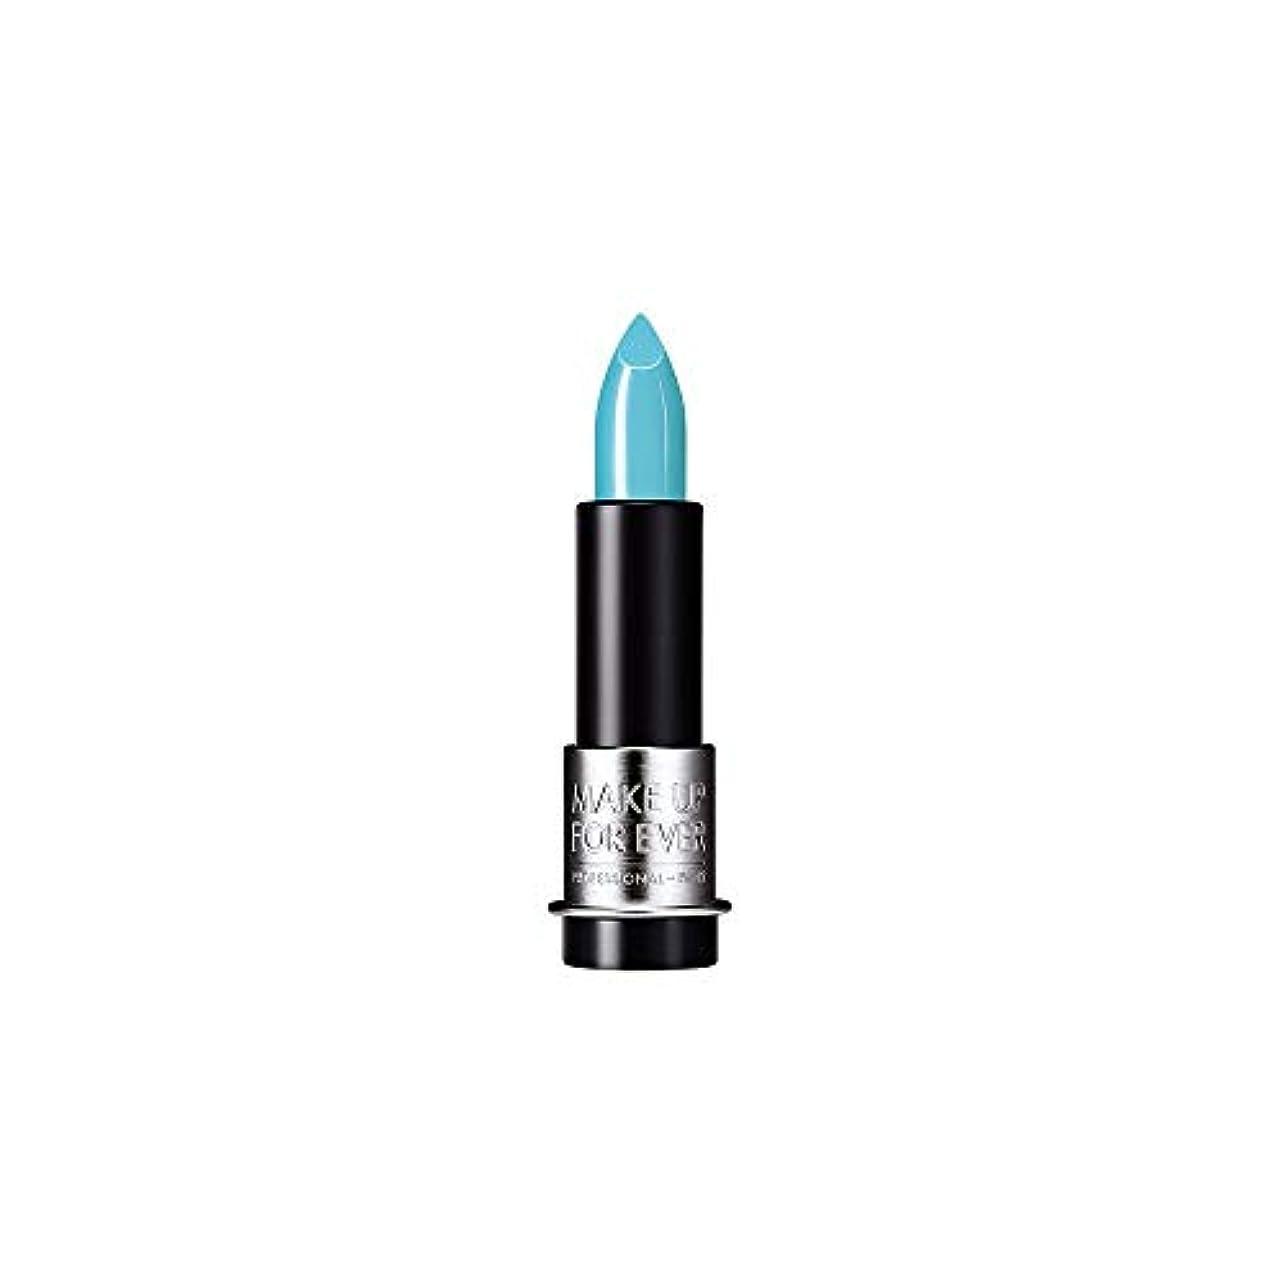 汚いポータブル消化[MAKE UP FOR EVER] これまでアーティストルージュクリーム口紅3.5グラムのC602を補う - ターコイズブルー - MAKE UP FOR EVER Artist Rouge Creme Lipstick...